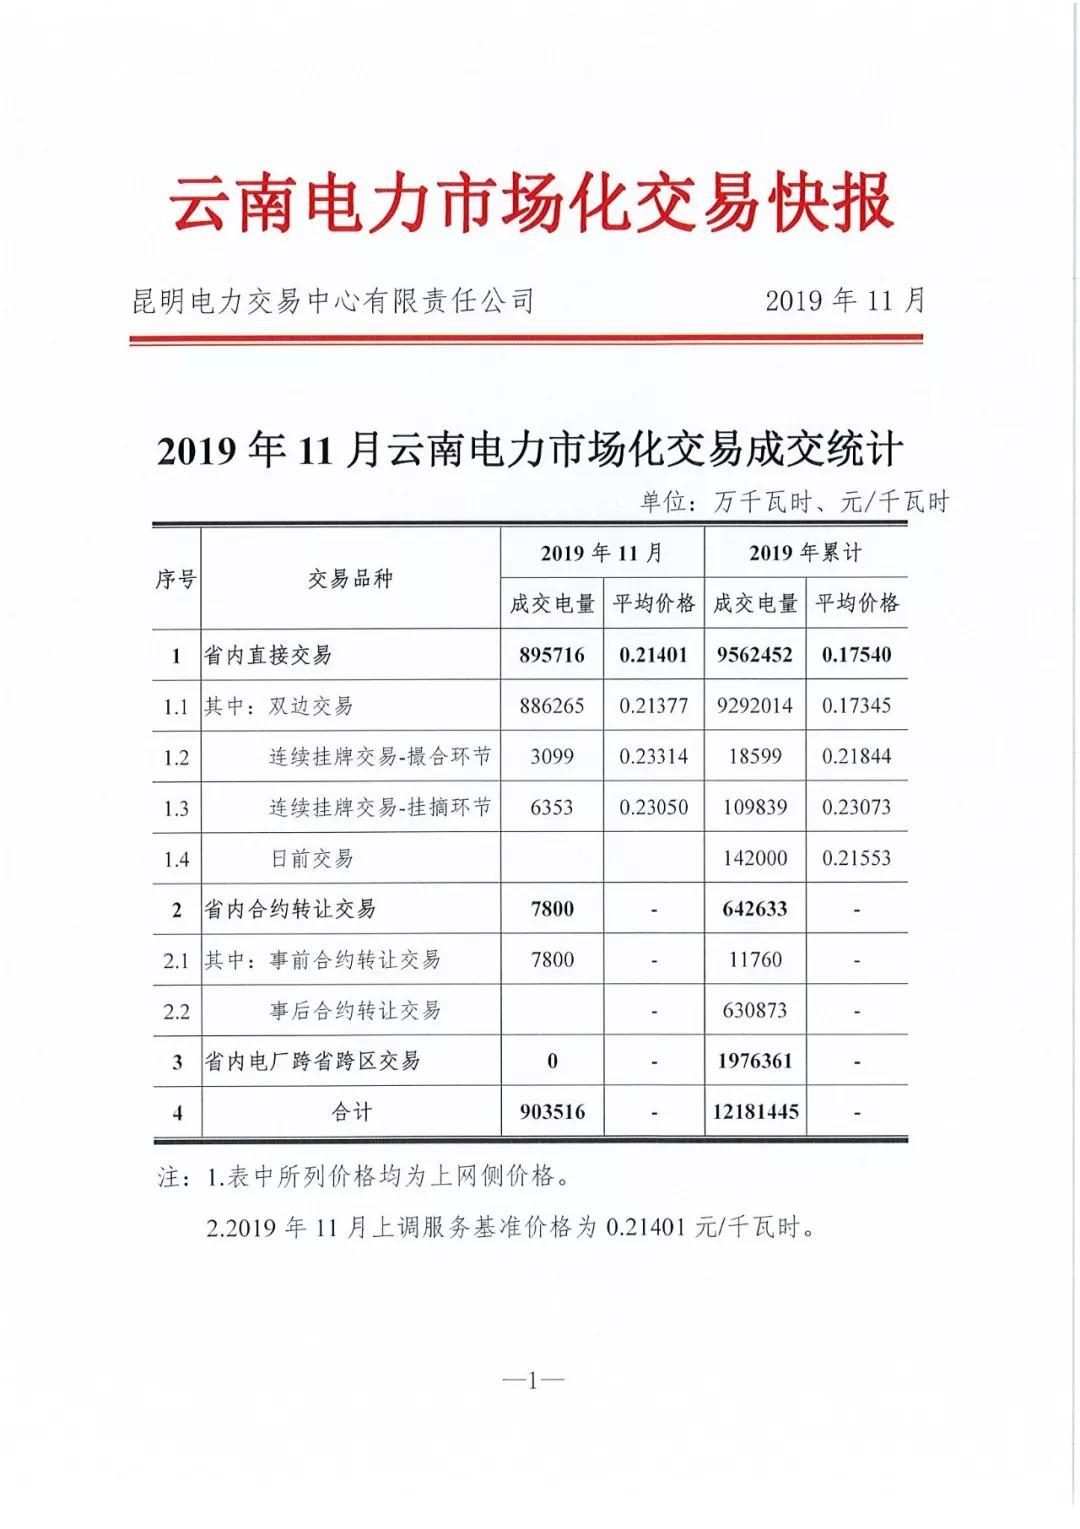 昆明电力交易中心发布11月电力市场化交易快报:平均电价0.21401元/千瓦时